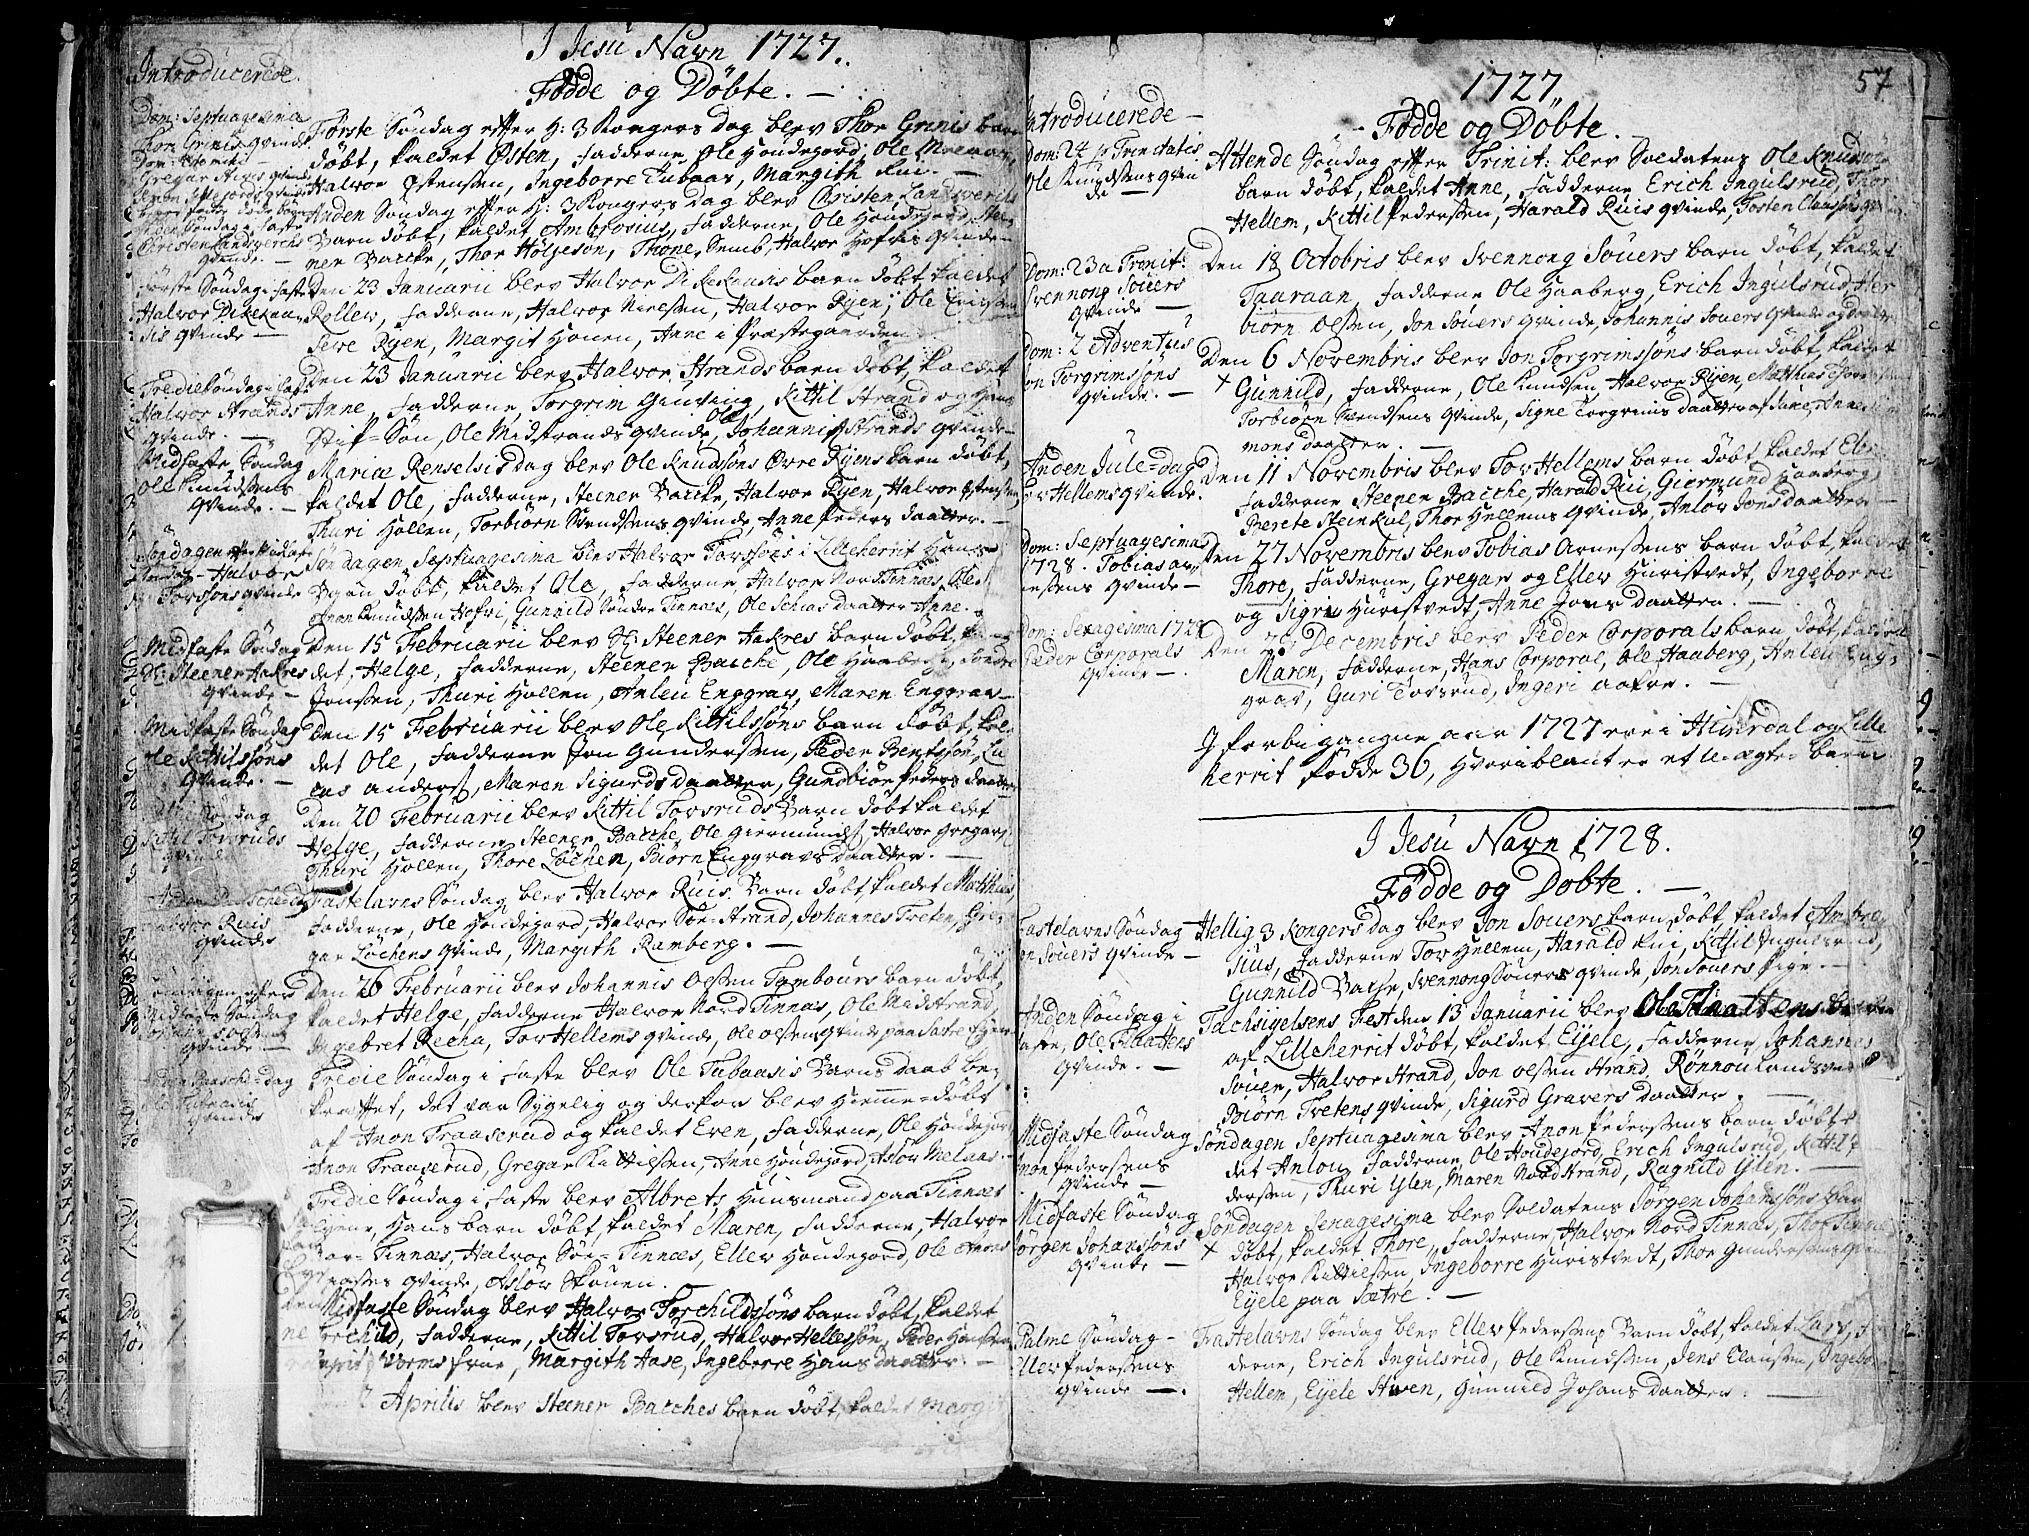 SAKO, Heddal kirkebøker, F/Fa/L0003: Ministerialbok nr. I 3, 1723-1783, s. 57